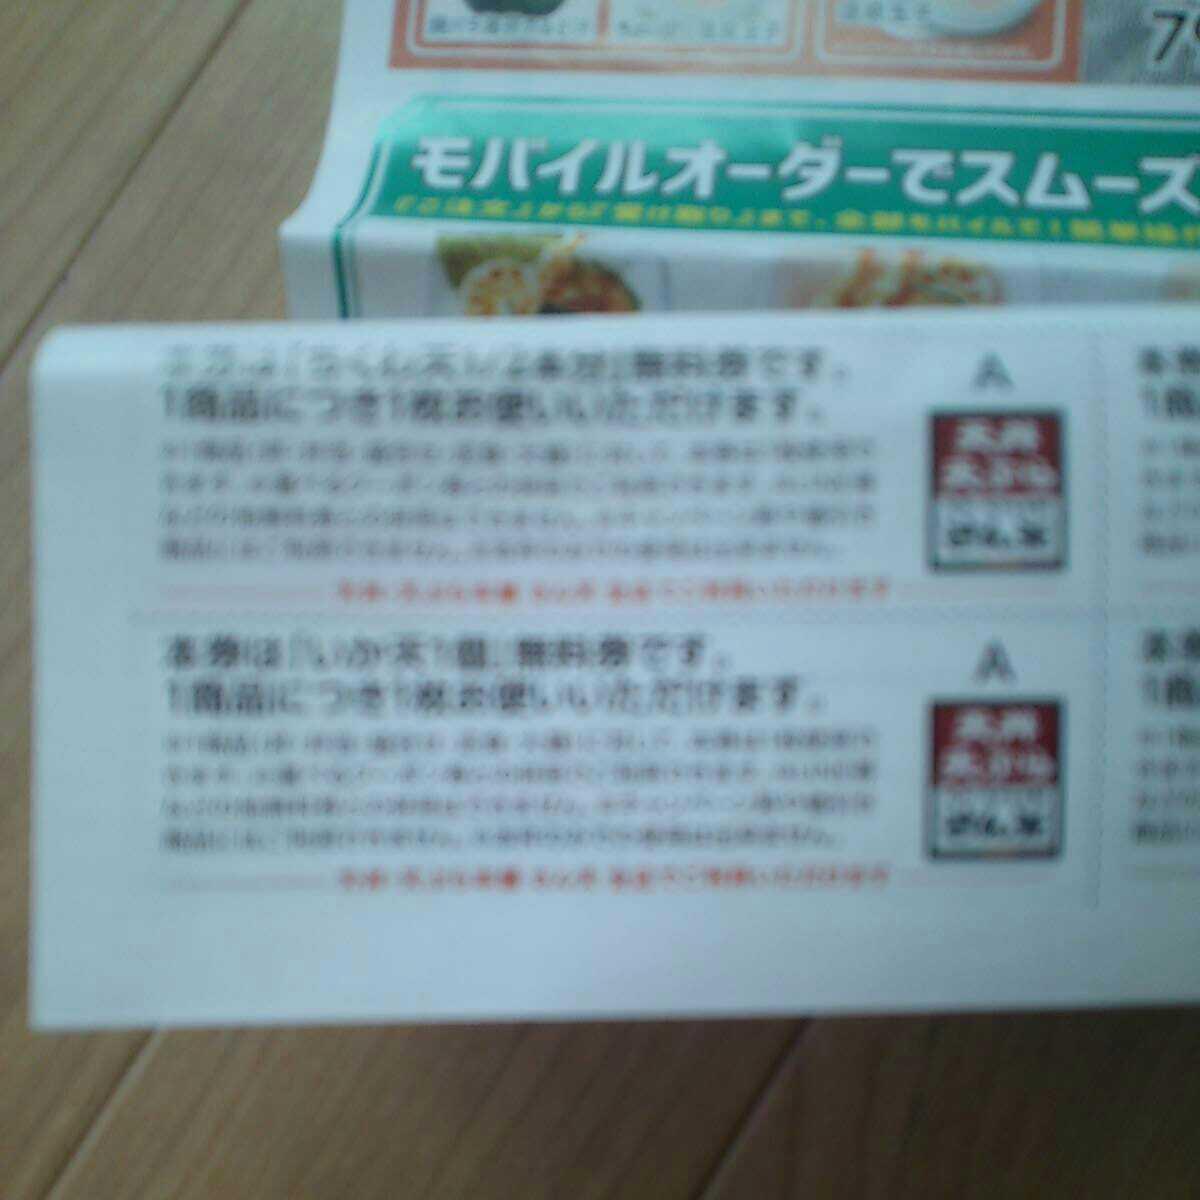 天丼・天ぷら本舗 さん天クーポン 店内・テイクアウト共通 ちくわ天1/2本分、いか天1個無料券付き広告紙 有効期限:2021.6/30(水)迄_画像4